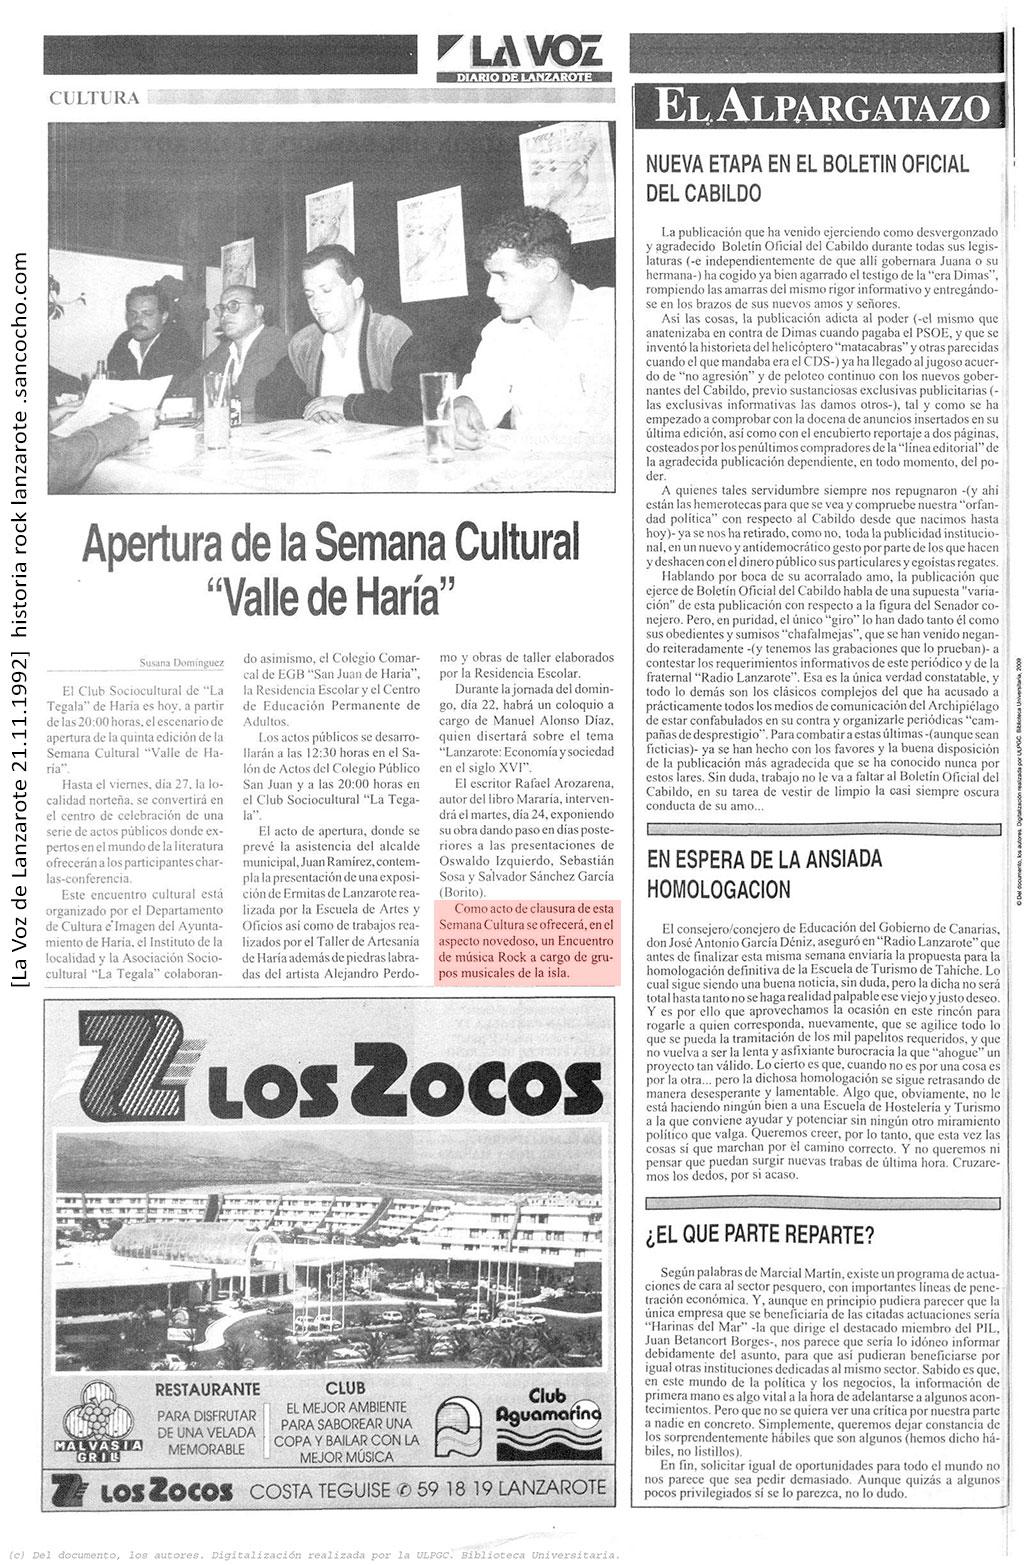 La-Voz-de-Lanzarote-21111992-Haria